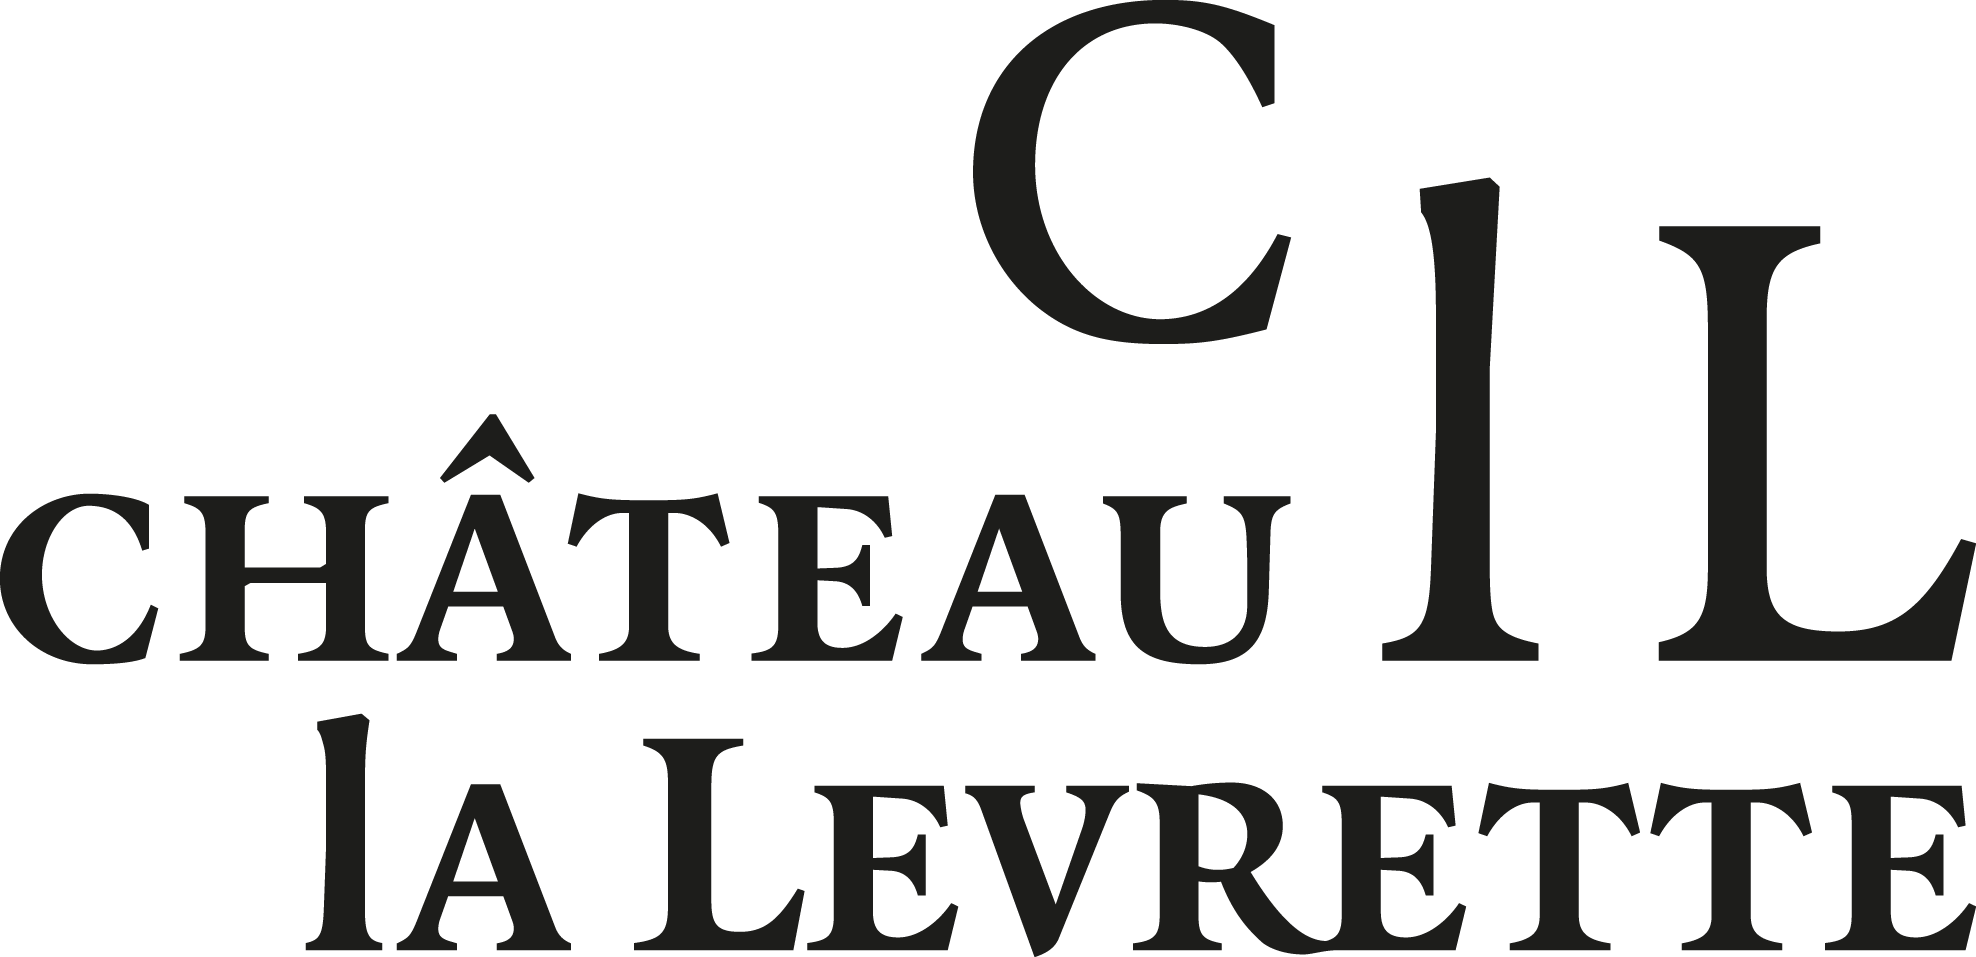 Château La Levrette